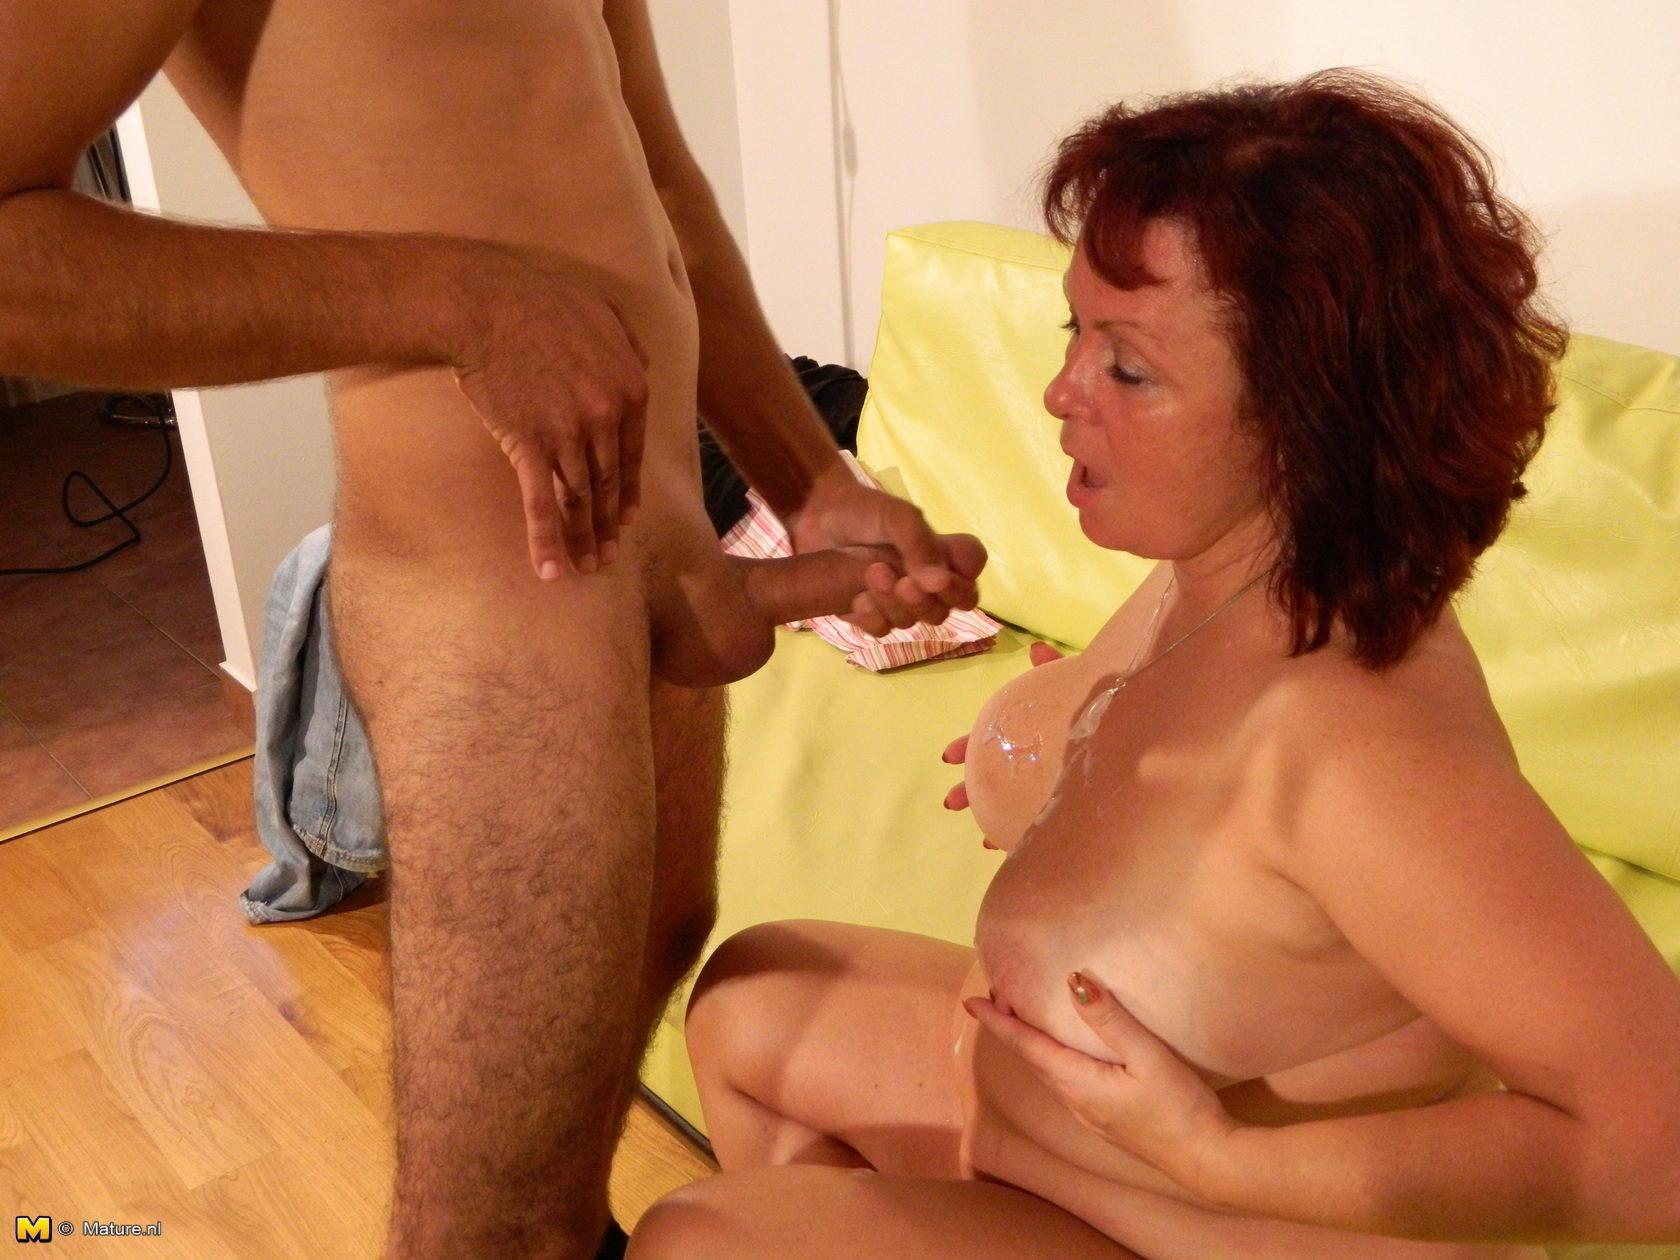 соседкой взрослой видео секс